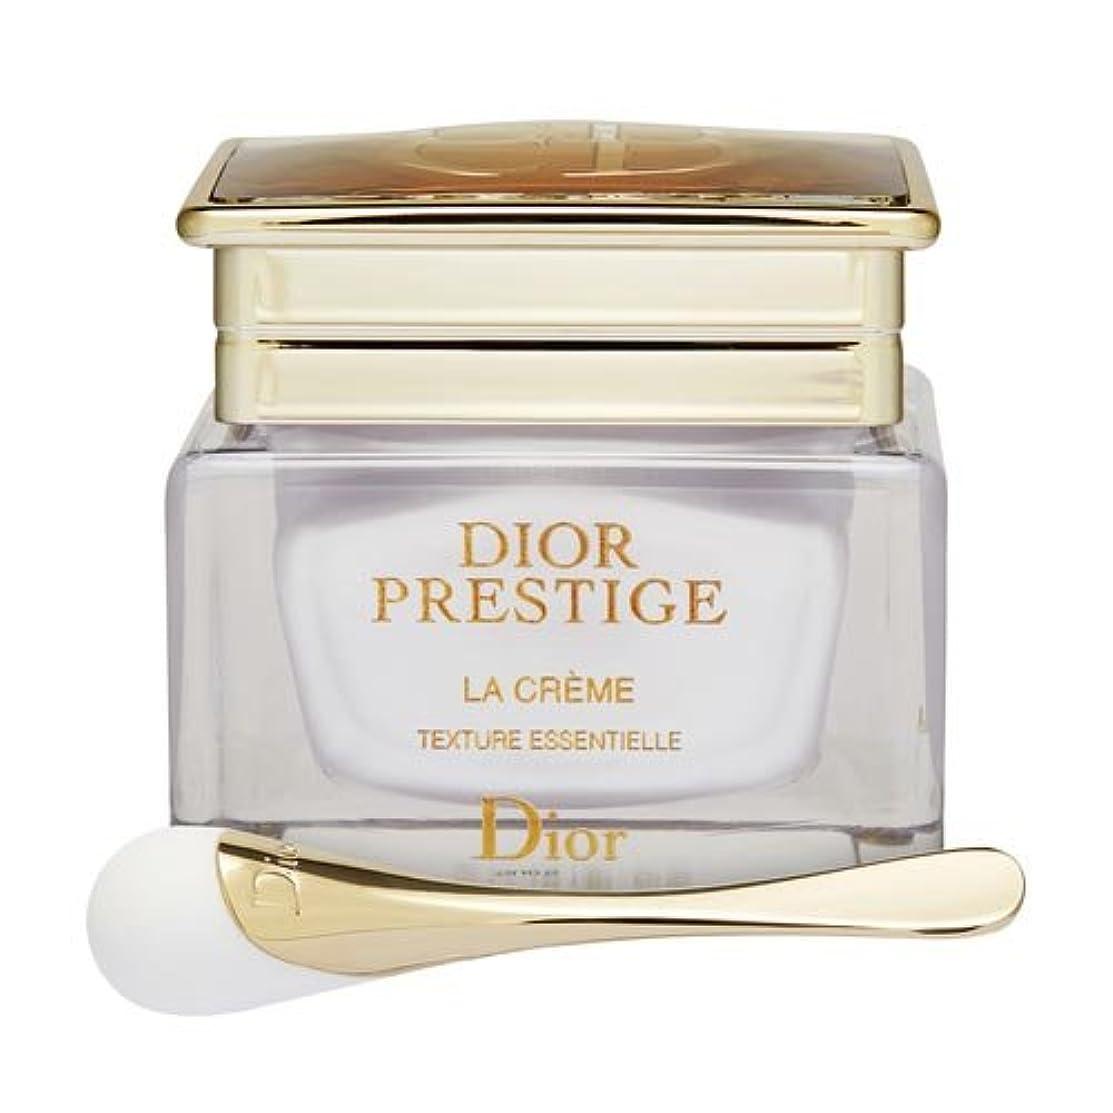 汚い全体報告書ディオール(Dior) プレステージ ラ クレーム 50ml[並行輸入品]